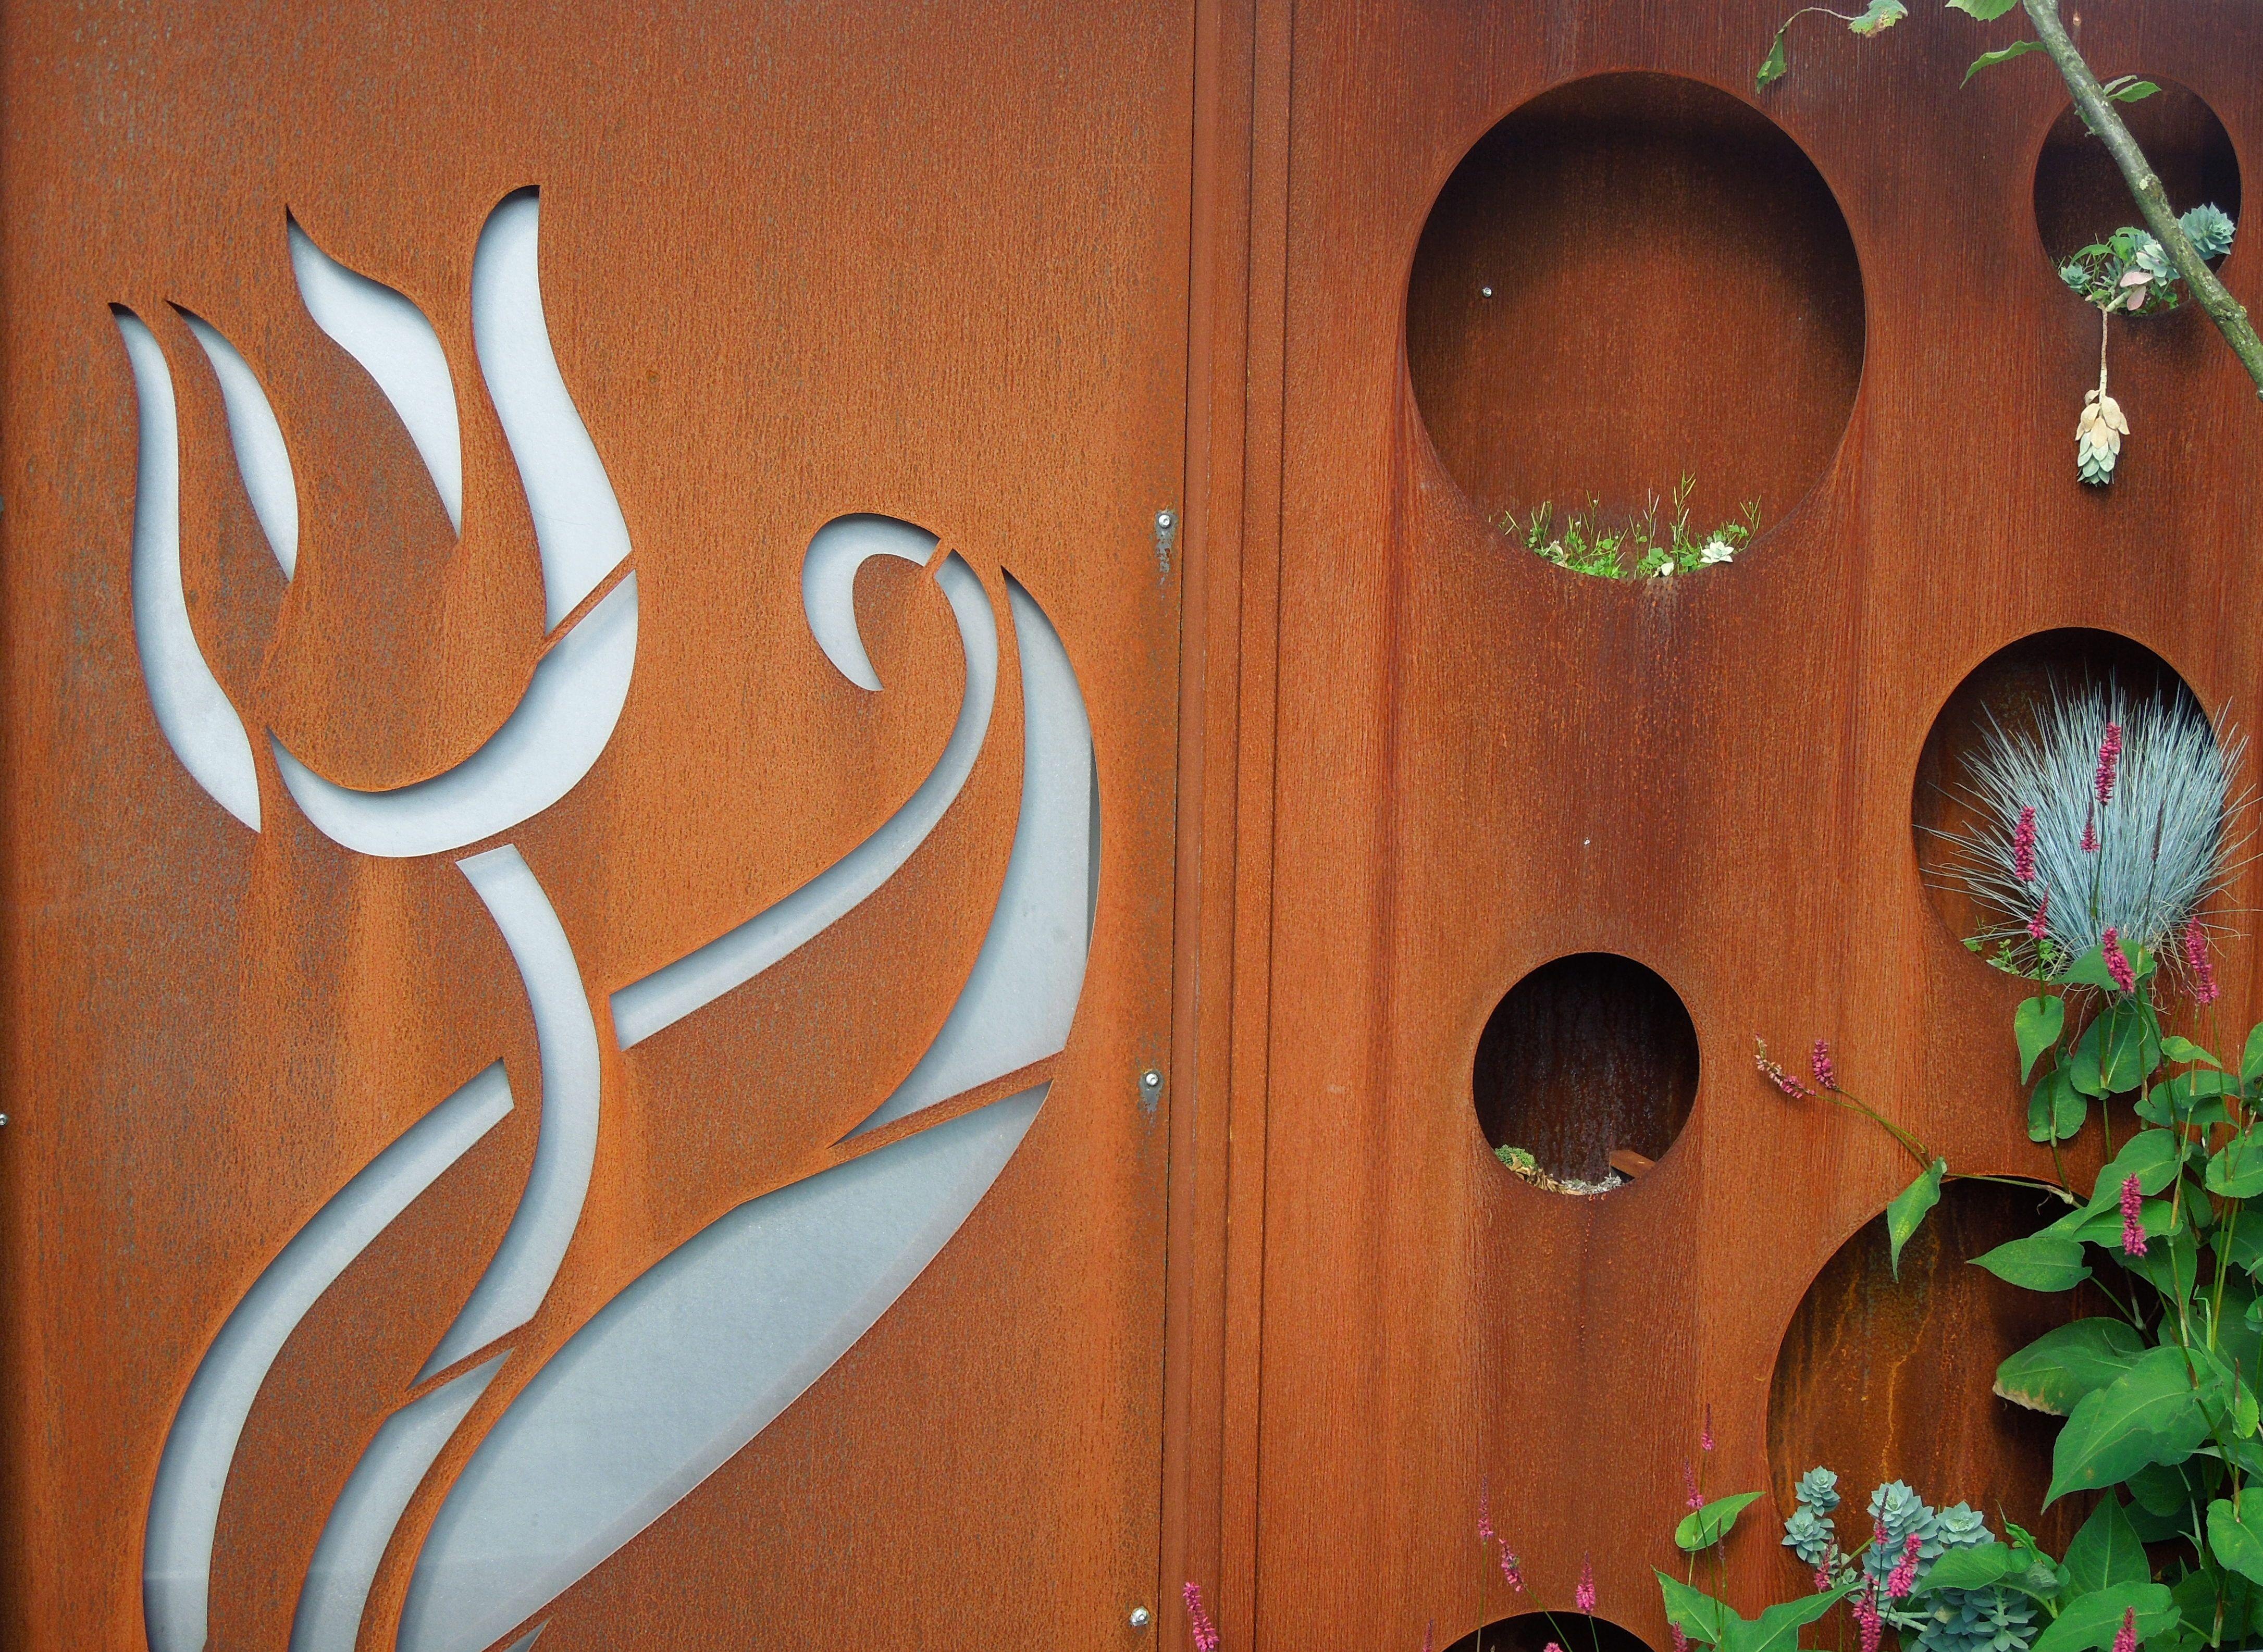 Mooie Wanddecoratie Tuin Kunst Creatief